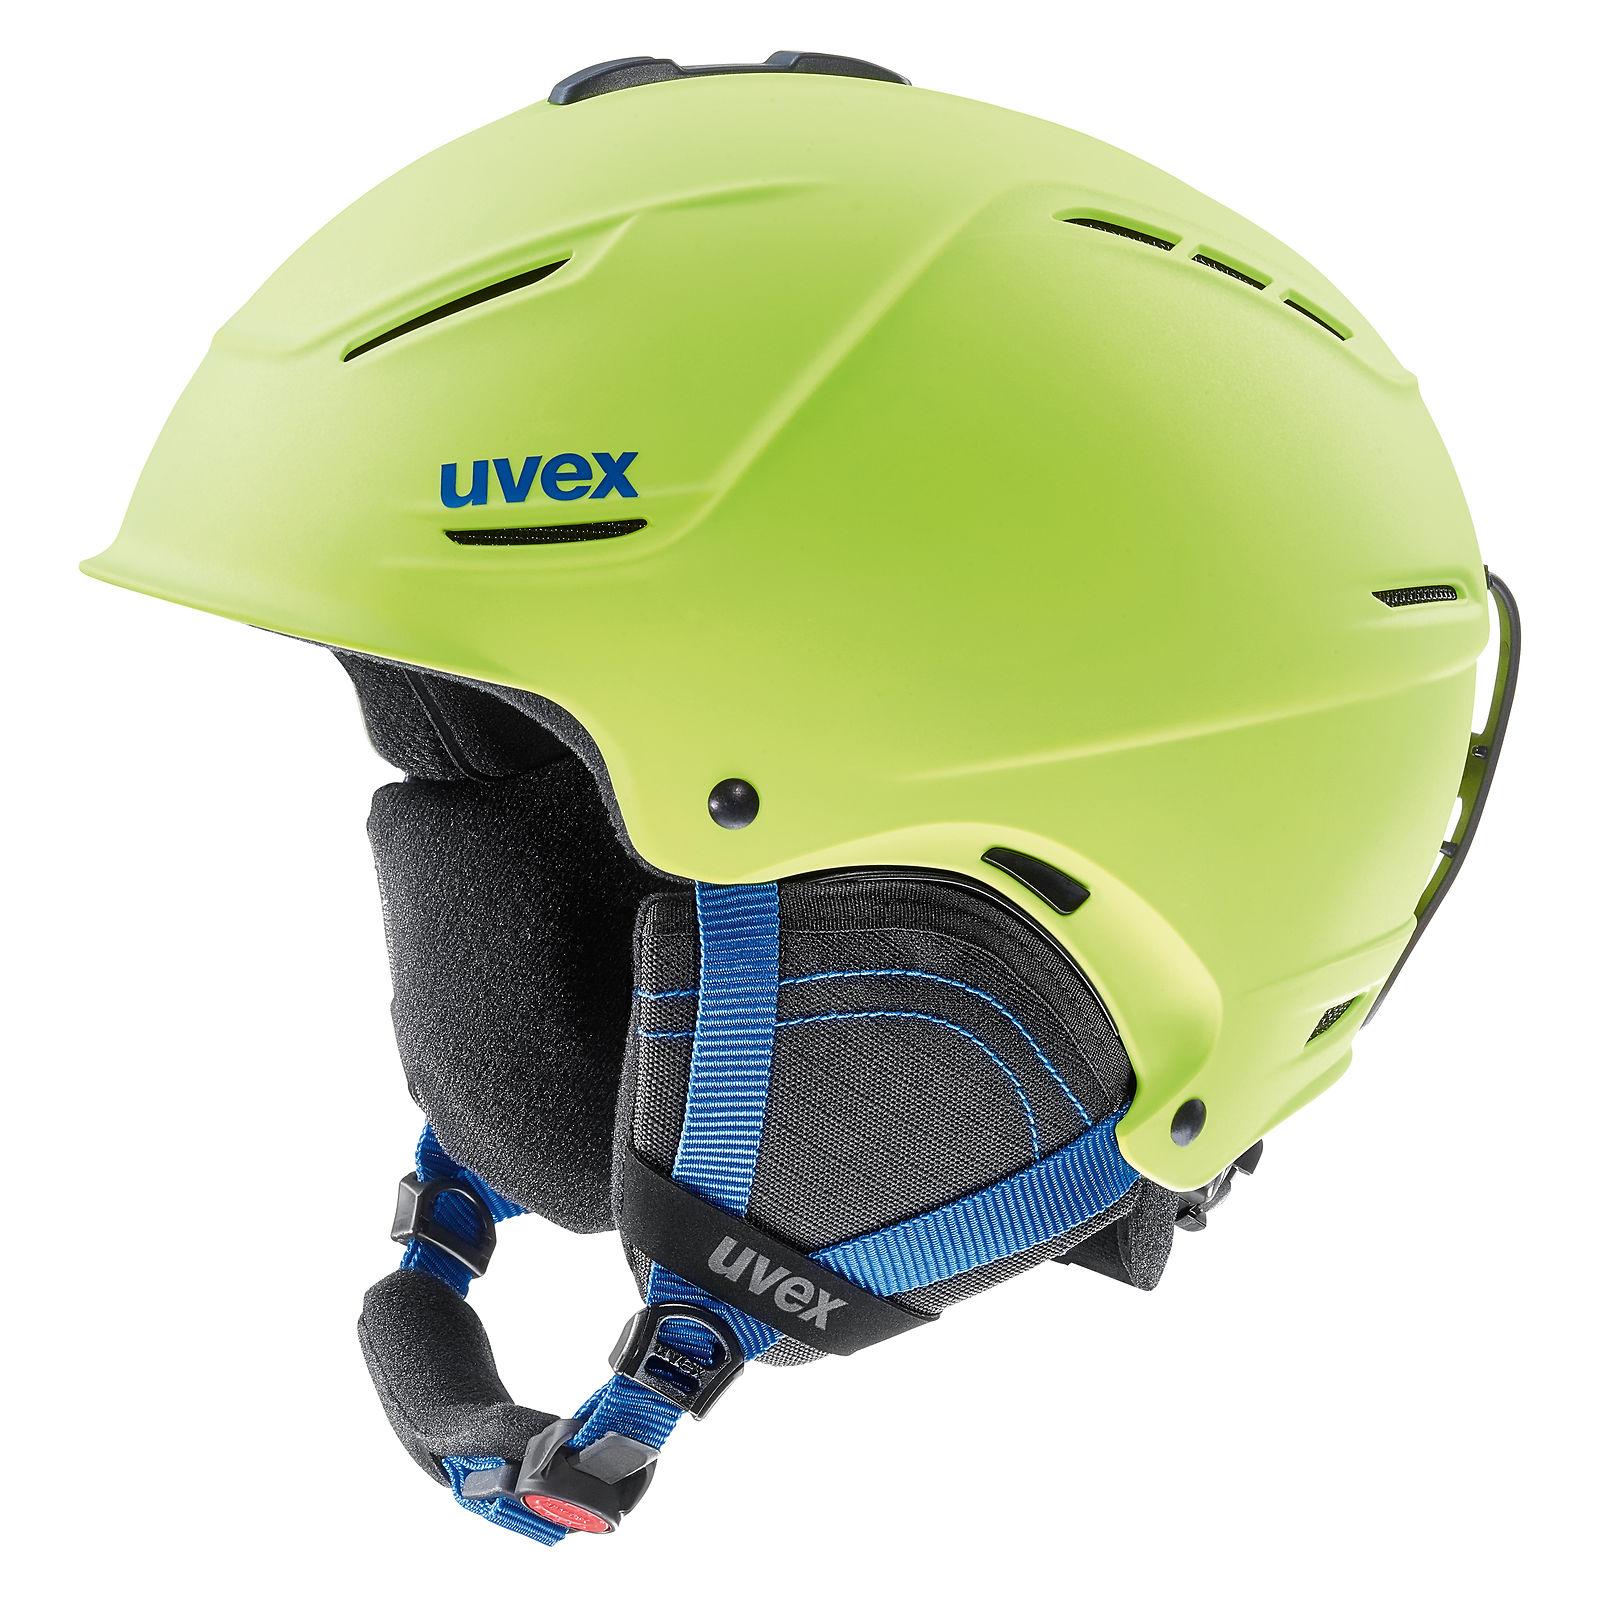 Kask narciarski Uvex P1us 566212